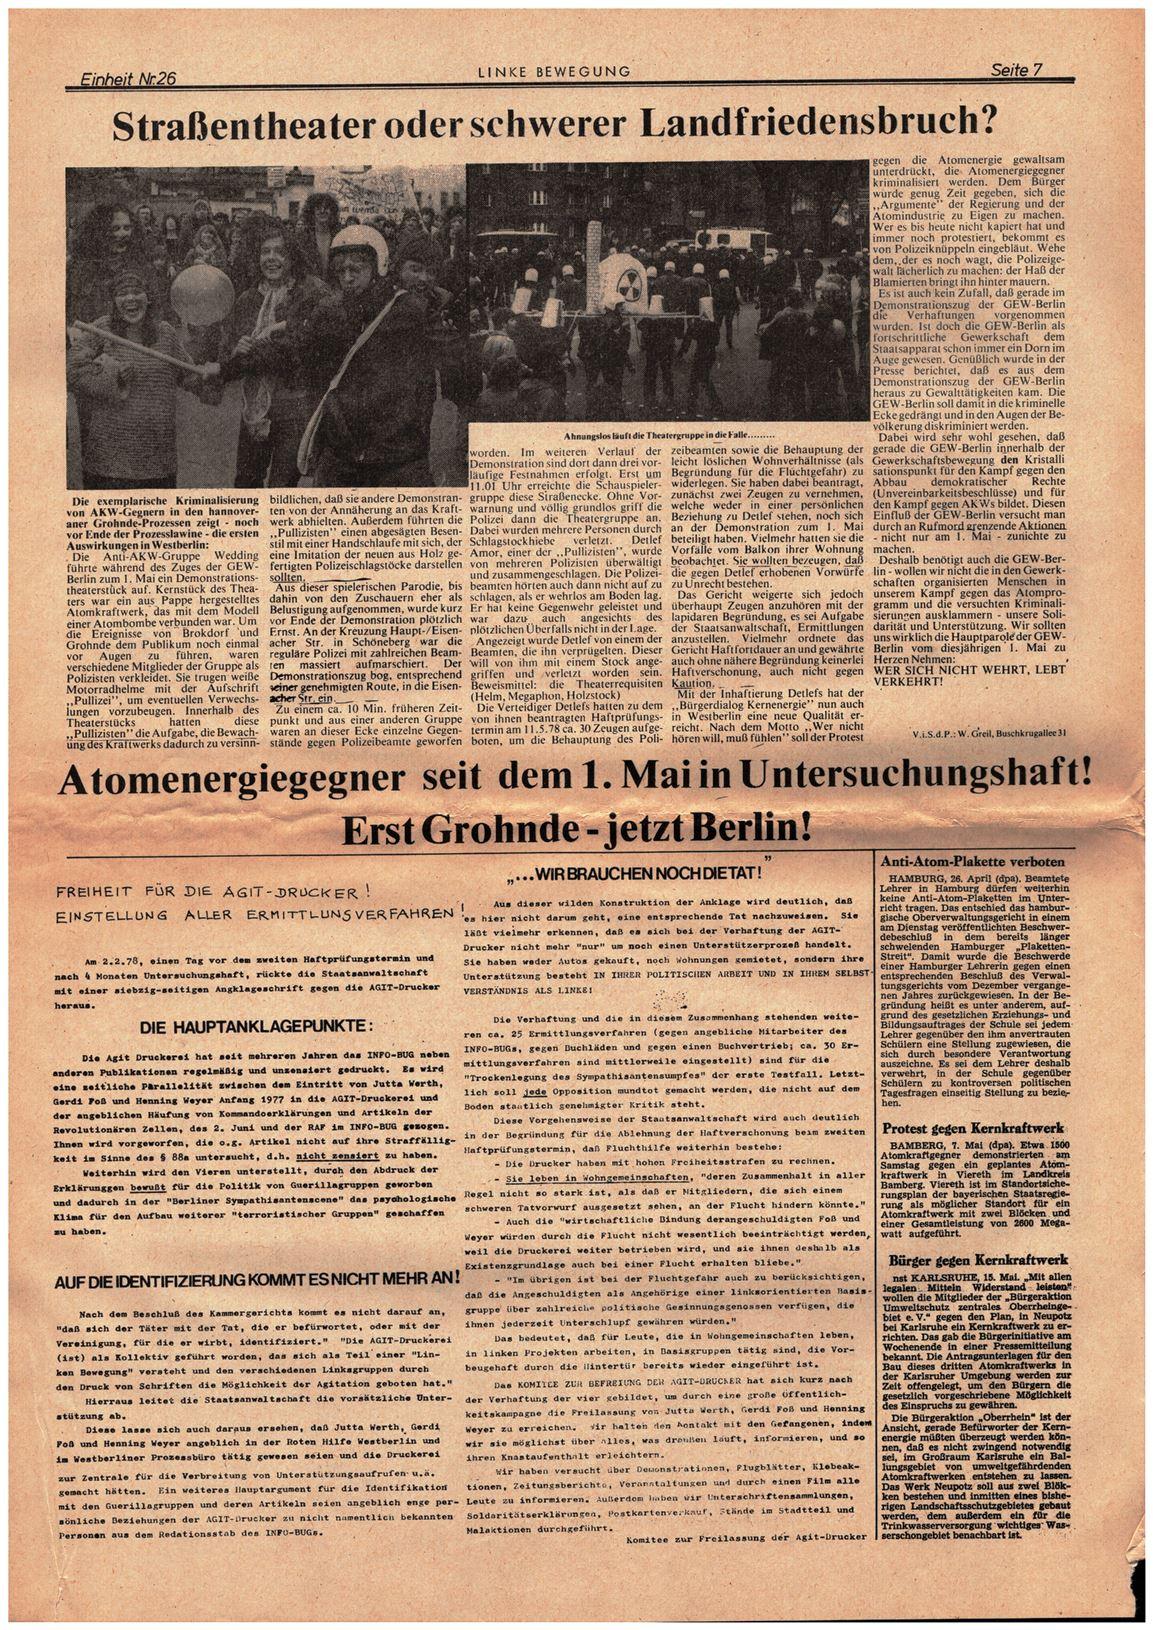 Koeln_IPdA_Einheit_1978_026_007